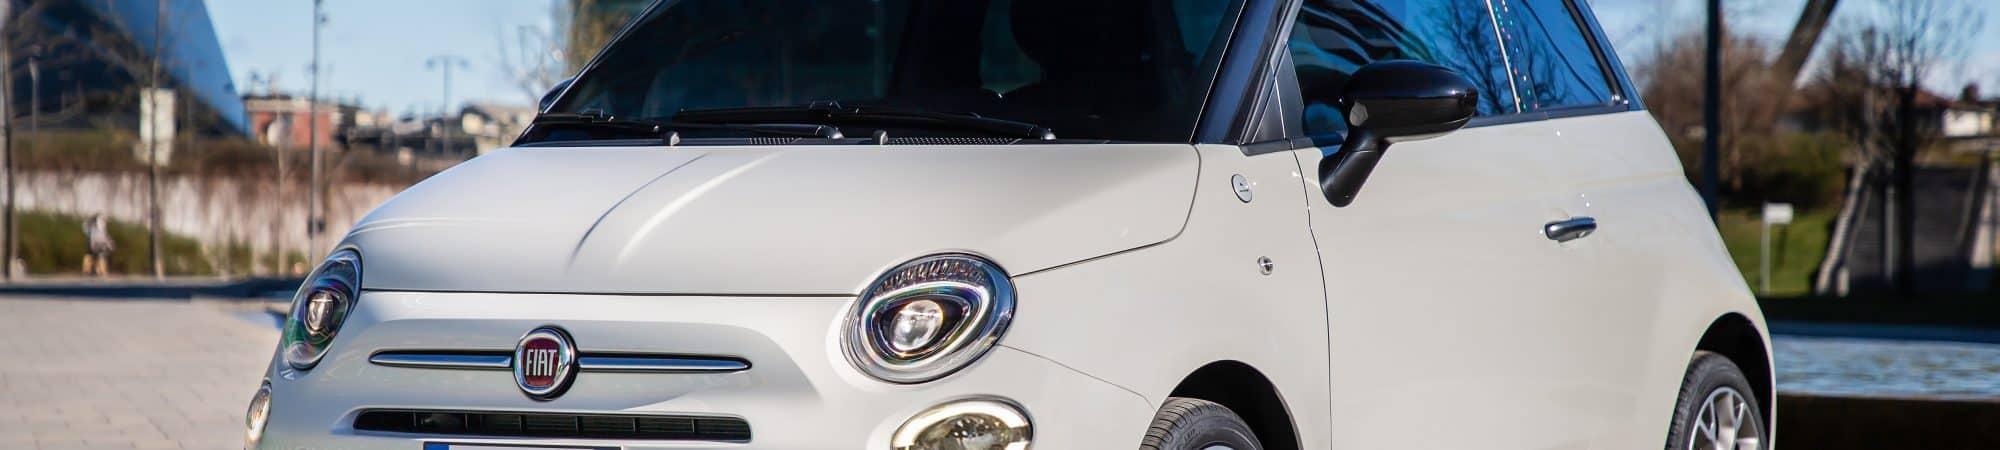 Fiat 500 Hey Google. Imagem: Fiat/Divulgação